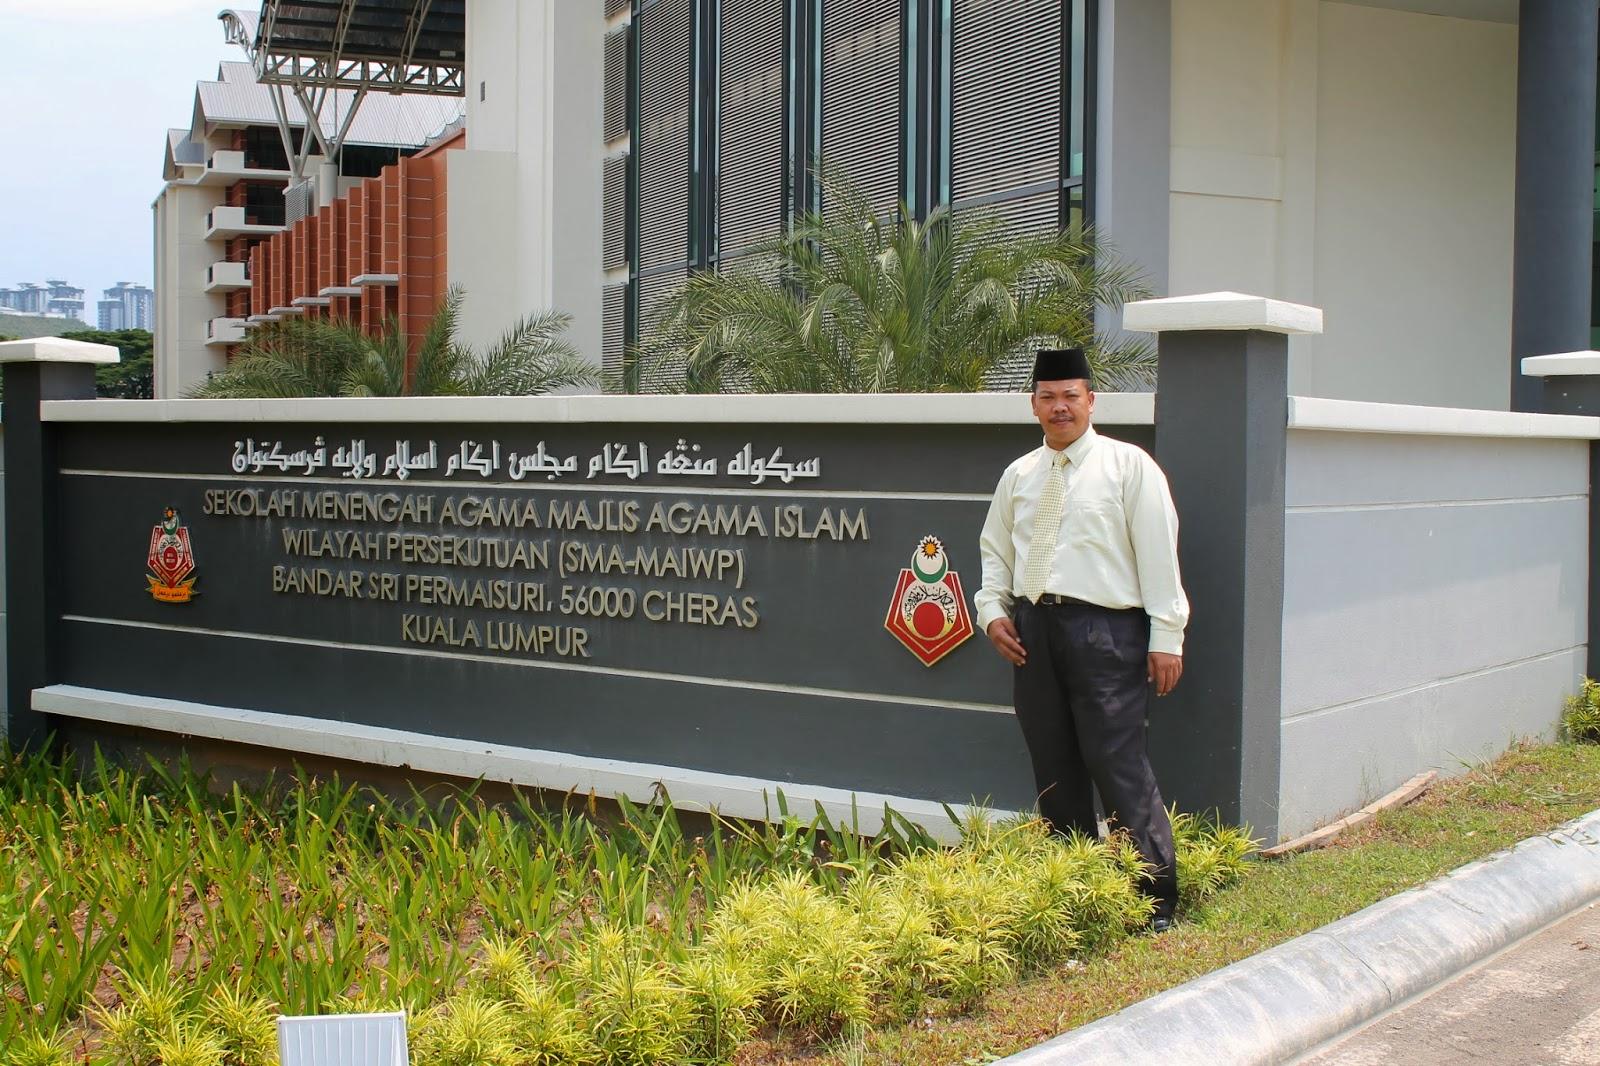 Sekolah Menengah Agama Maiwp Antara Majlis Agama Islam Wilayah Persekutuan فيسبوك